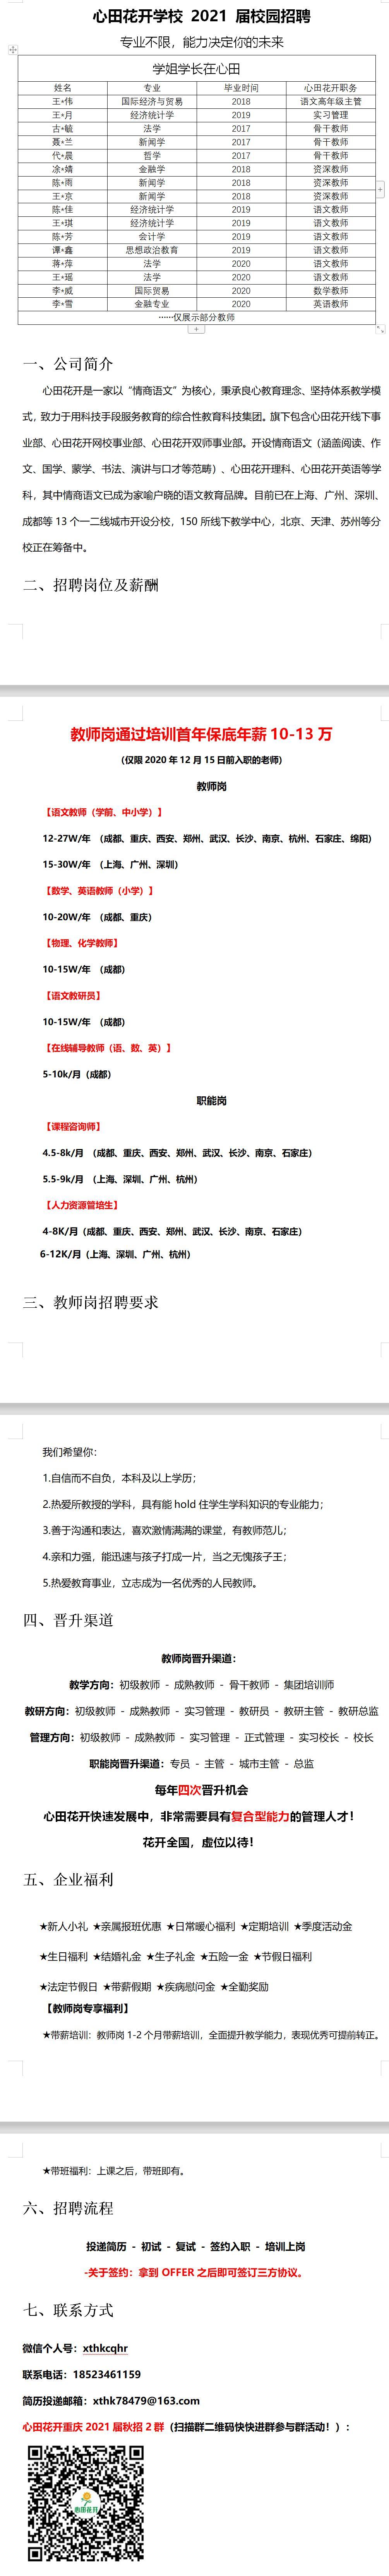 招聘简章(西南政法大学).jpg